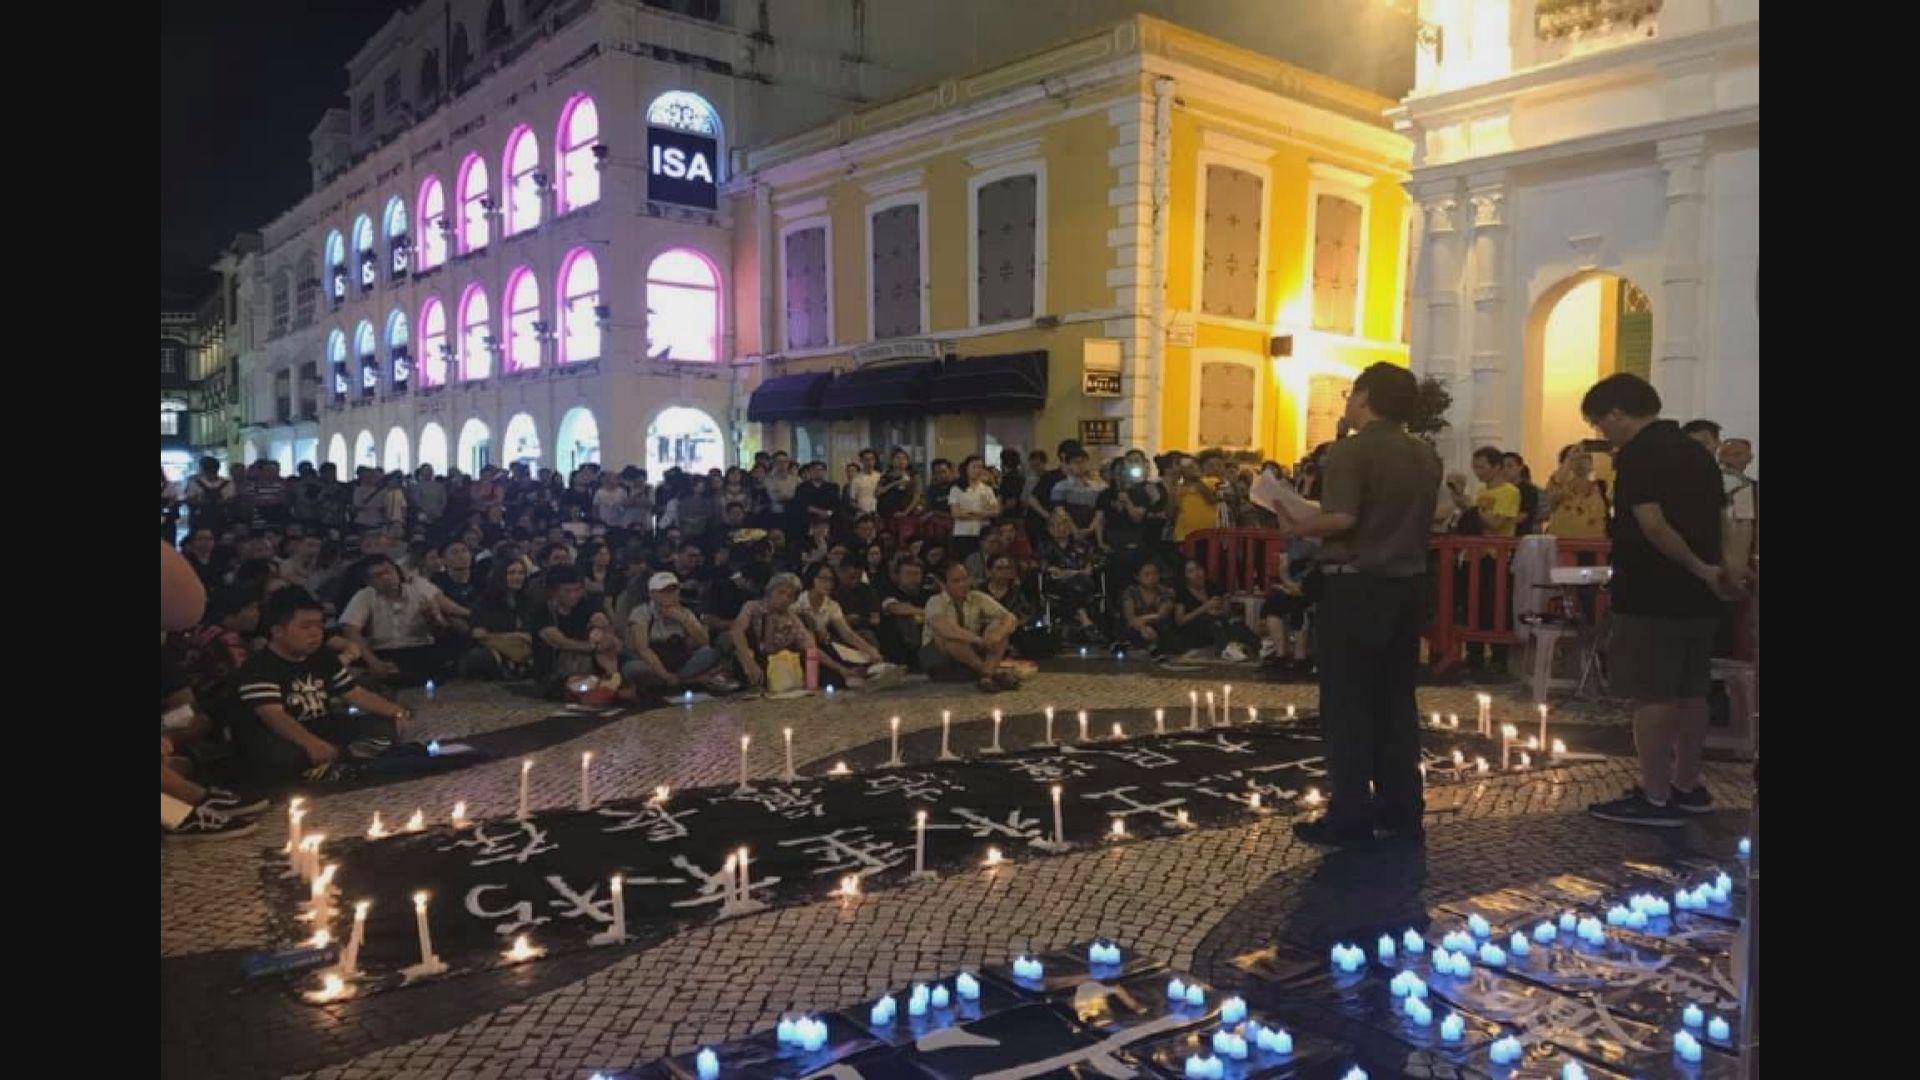 澳門治安警拒批澳門民主發展聯委會舉辦六四集會